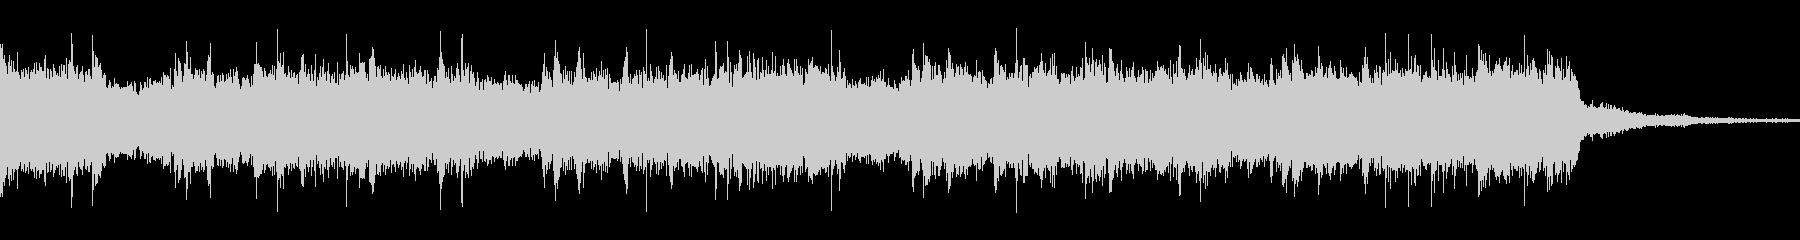 エッジの効いたベースのロックな曲の未再生の波形